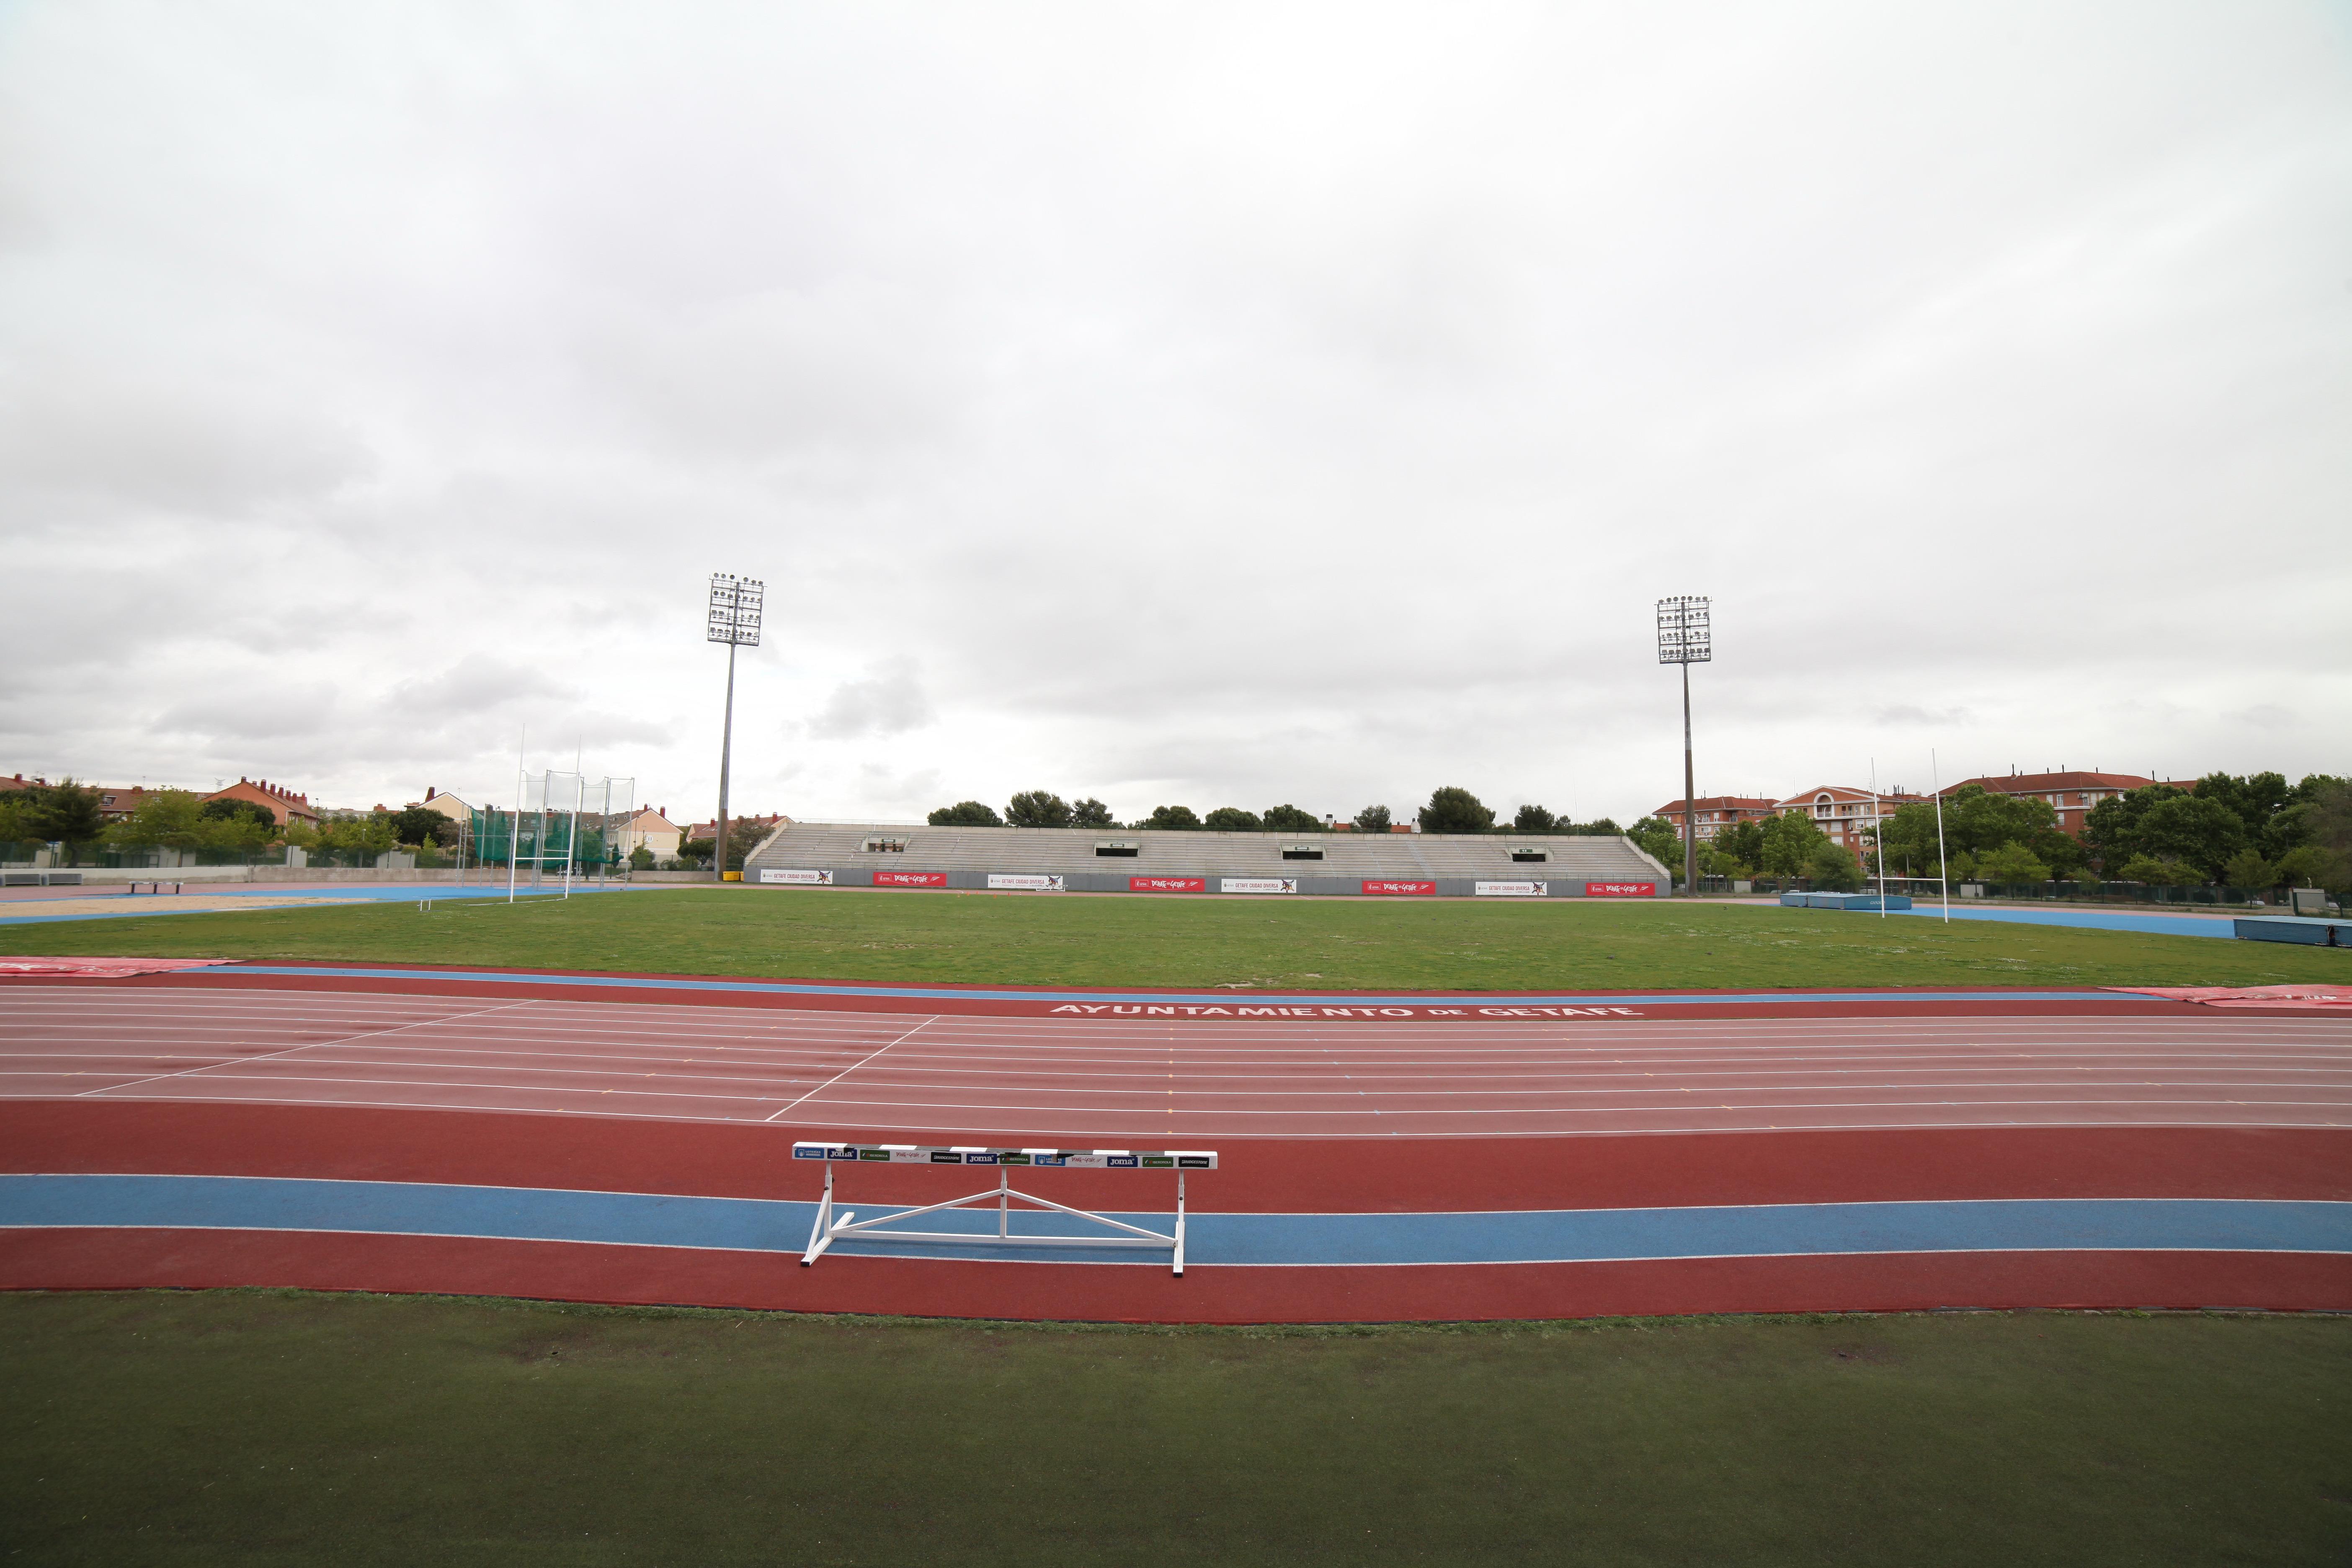 estadio atletismo juan de la cierva